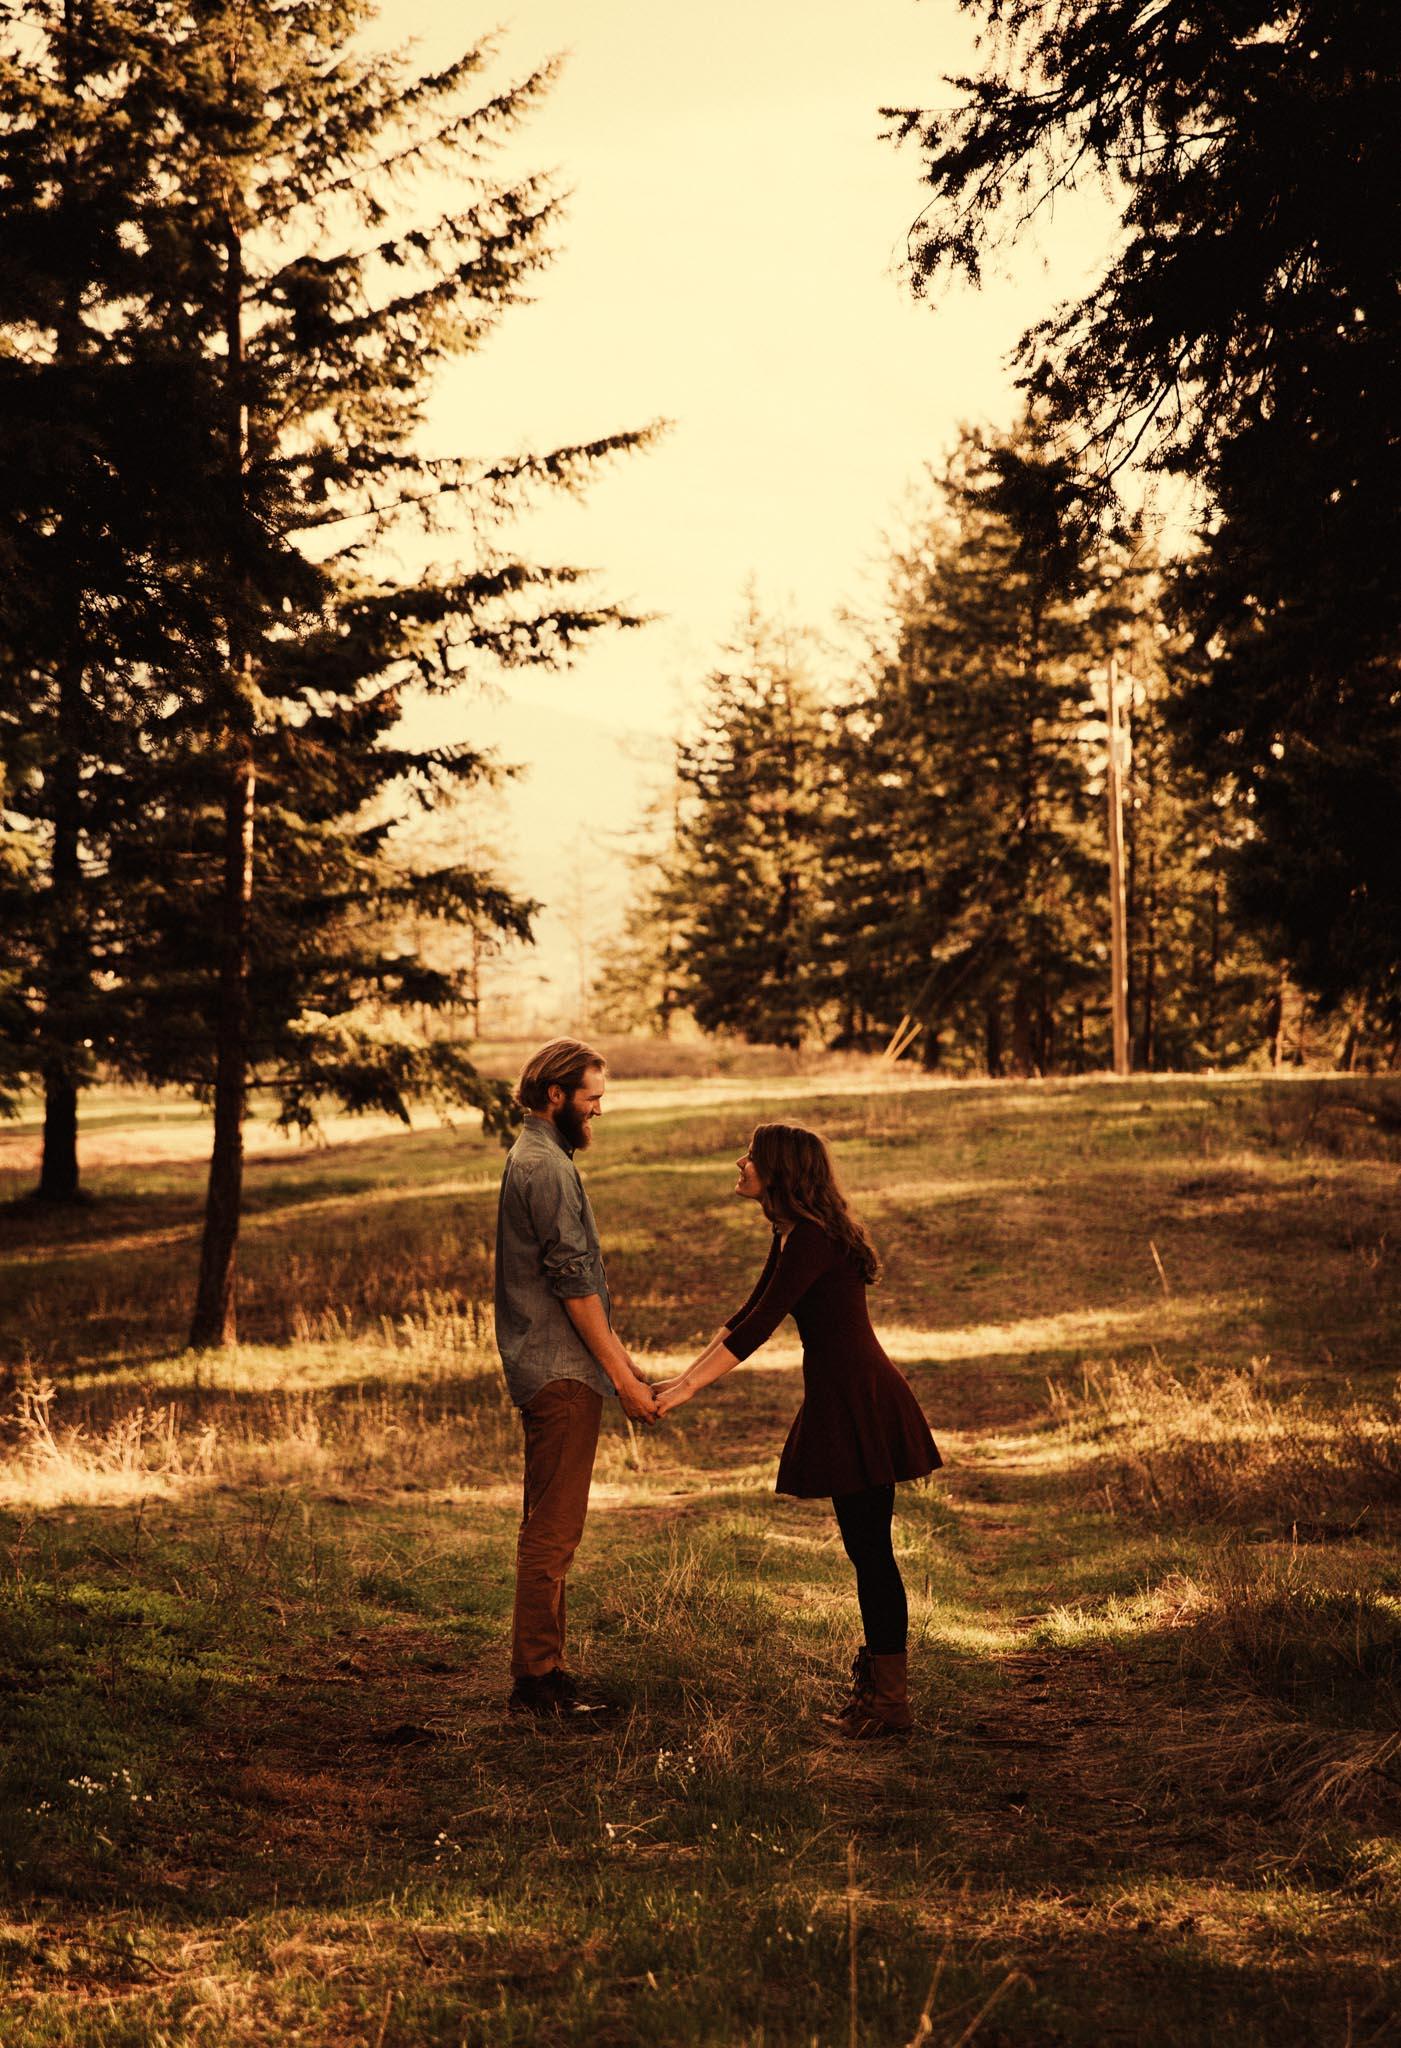 engagement photo inspiration!